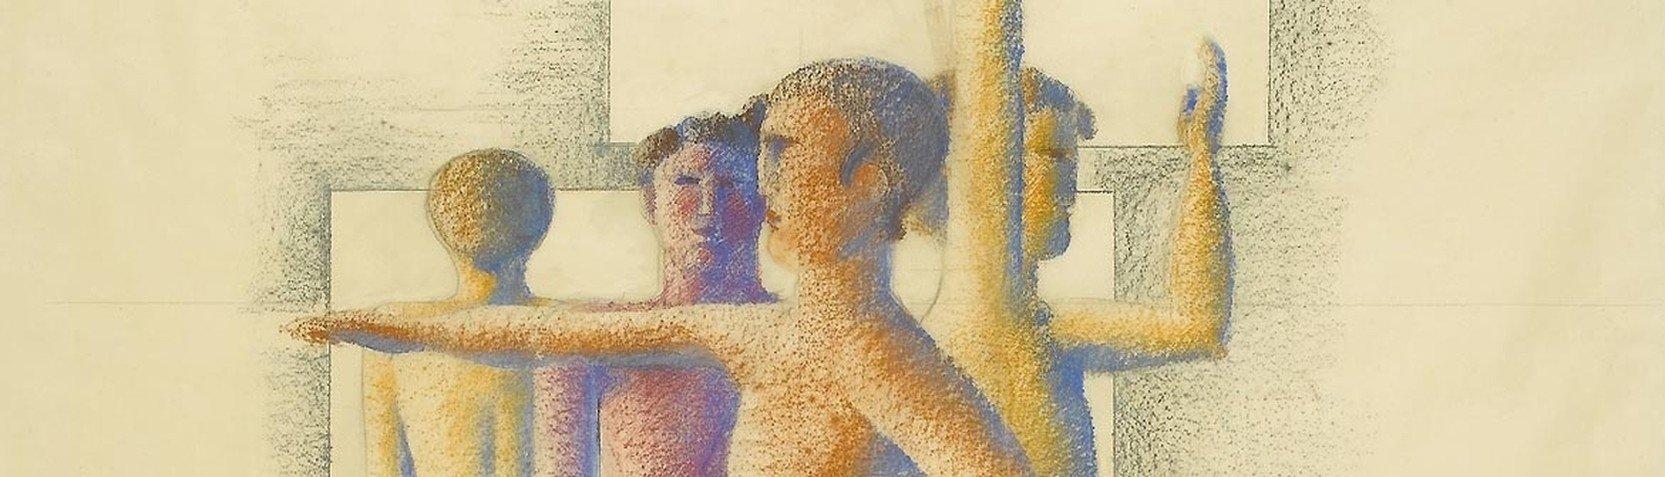 Artistas - Oskar Schlemmer